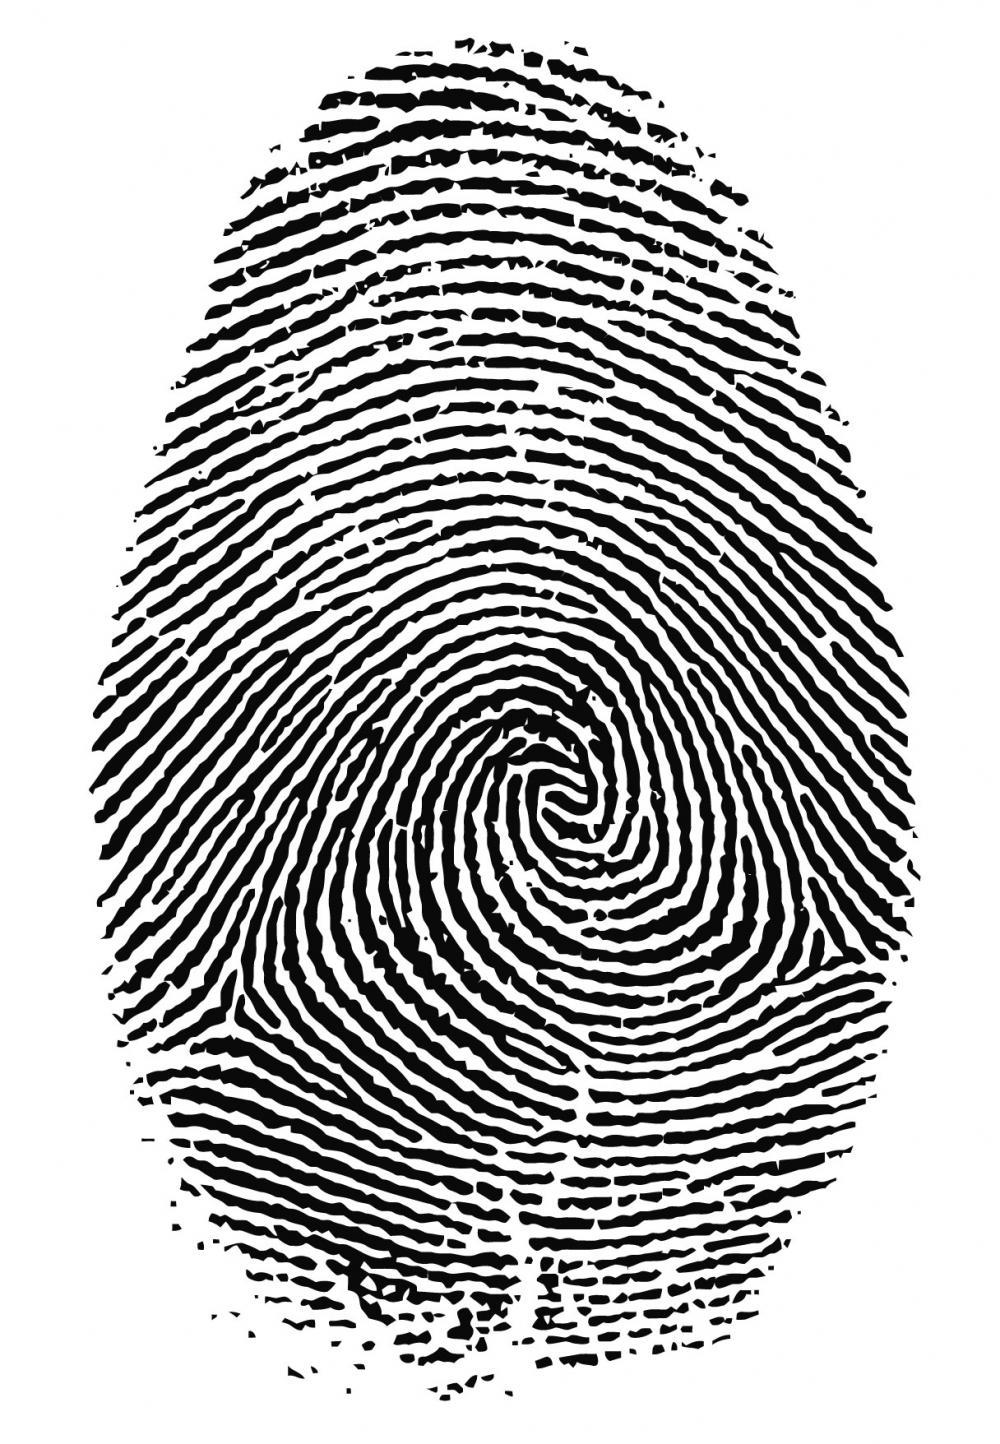 Nowe dowody osobiste bêd± zawieraæ odciski palców. Tego wymaga unijne prawo